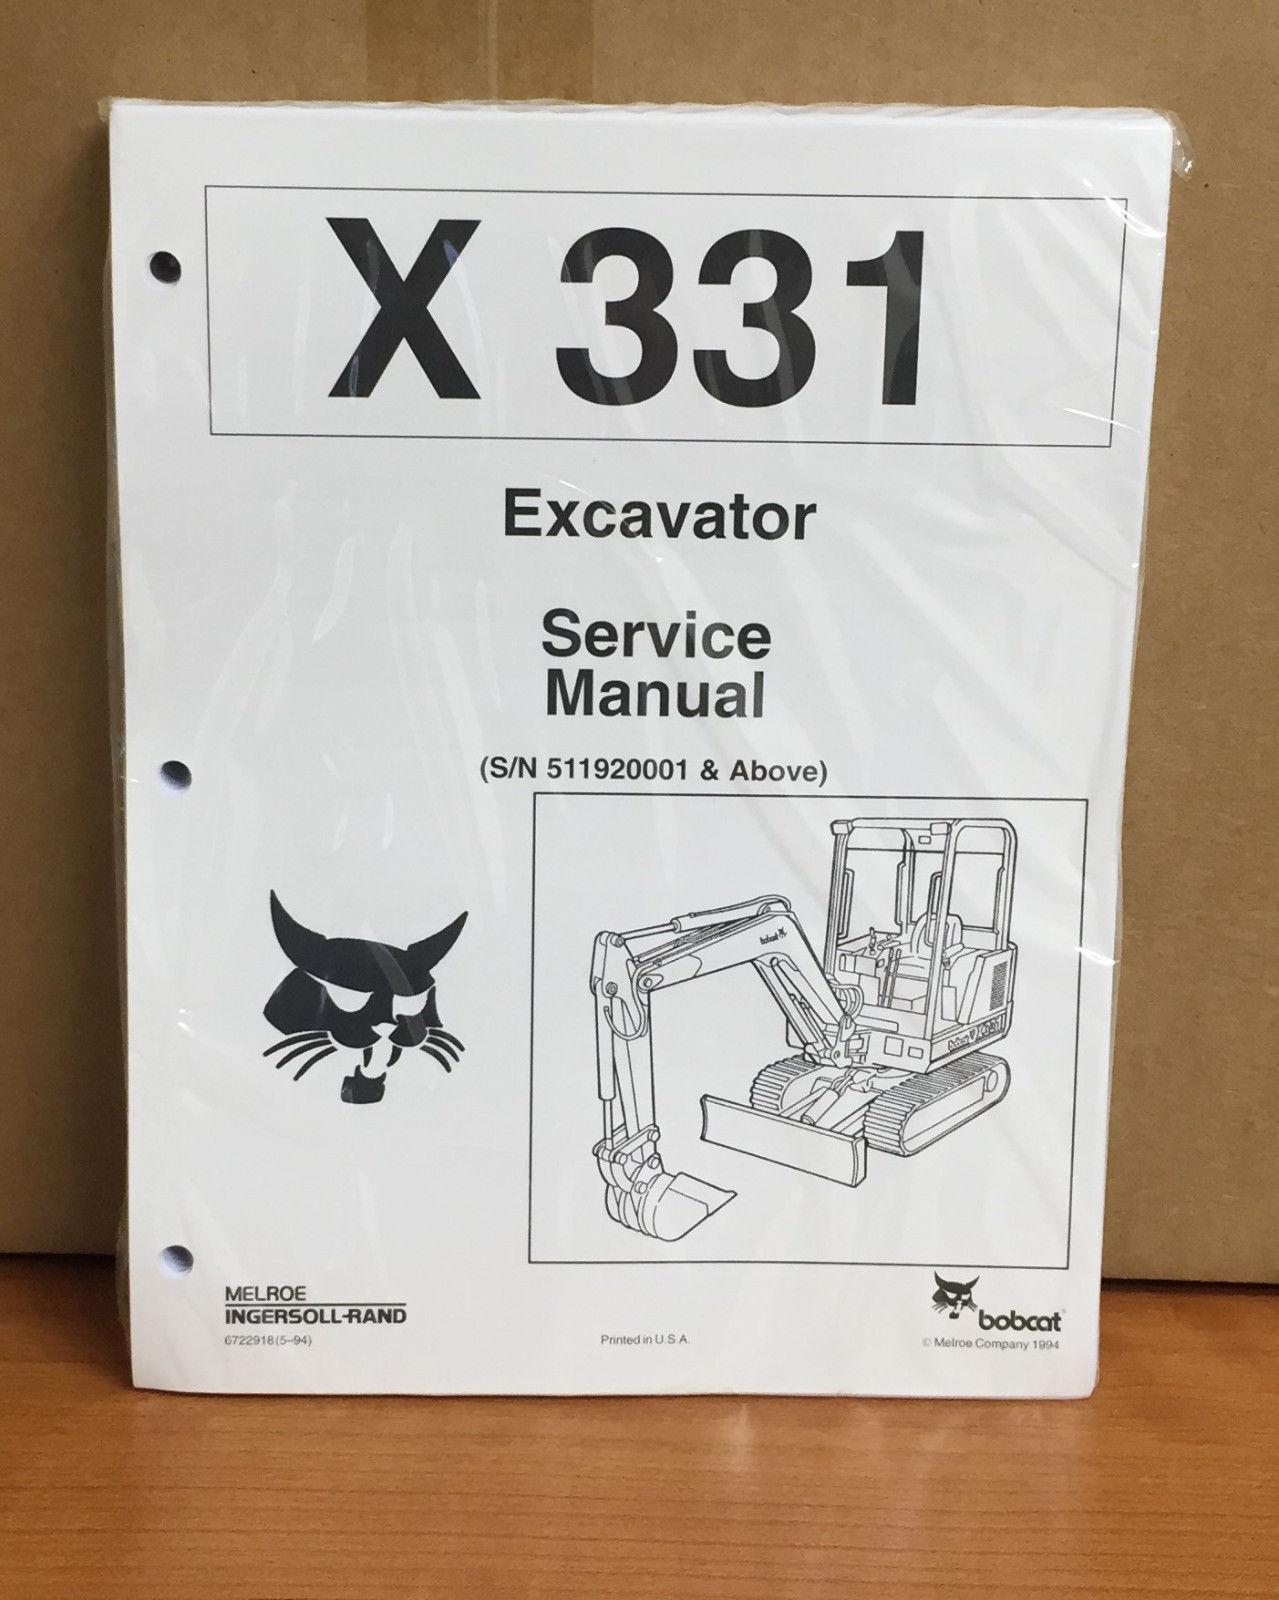 bobcat 331 service manual and parts manual and similar items  11